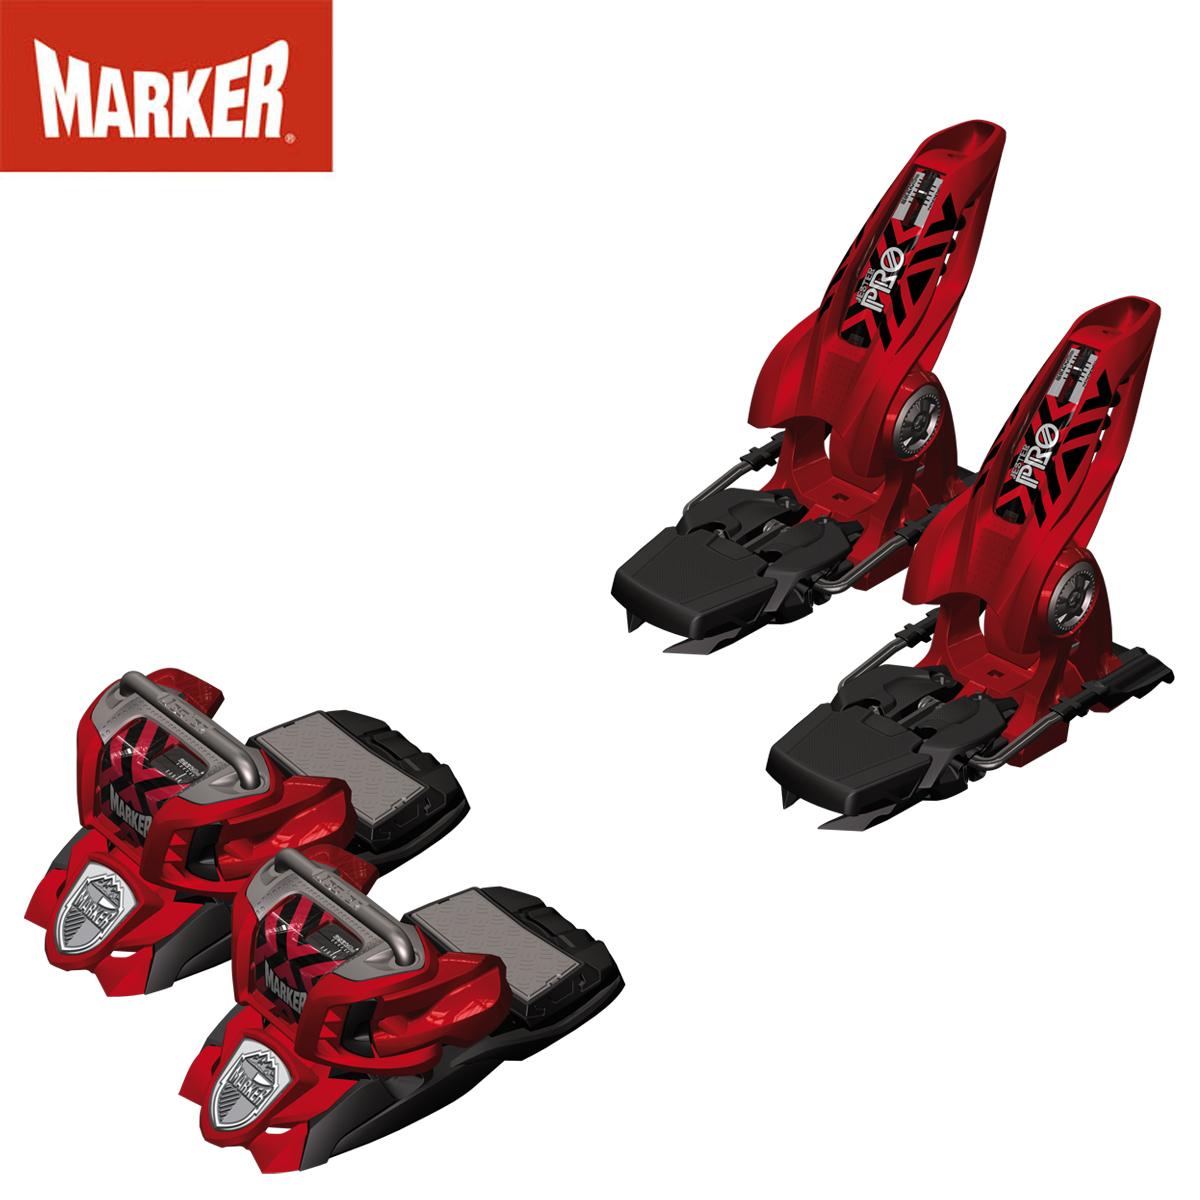 德国马克/MARKE 滑雪板固定器 自由式双板滑雪装备 Jester 18 Pro